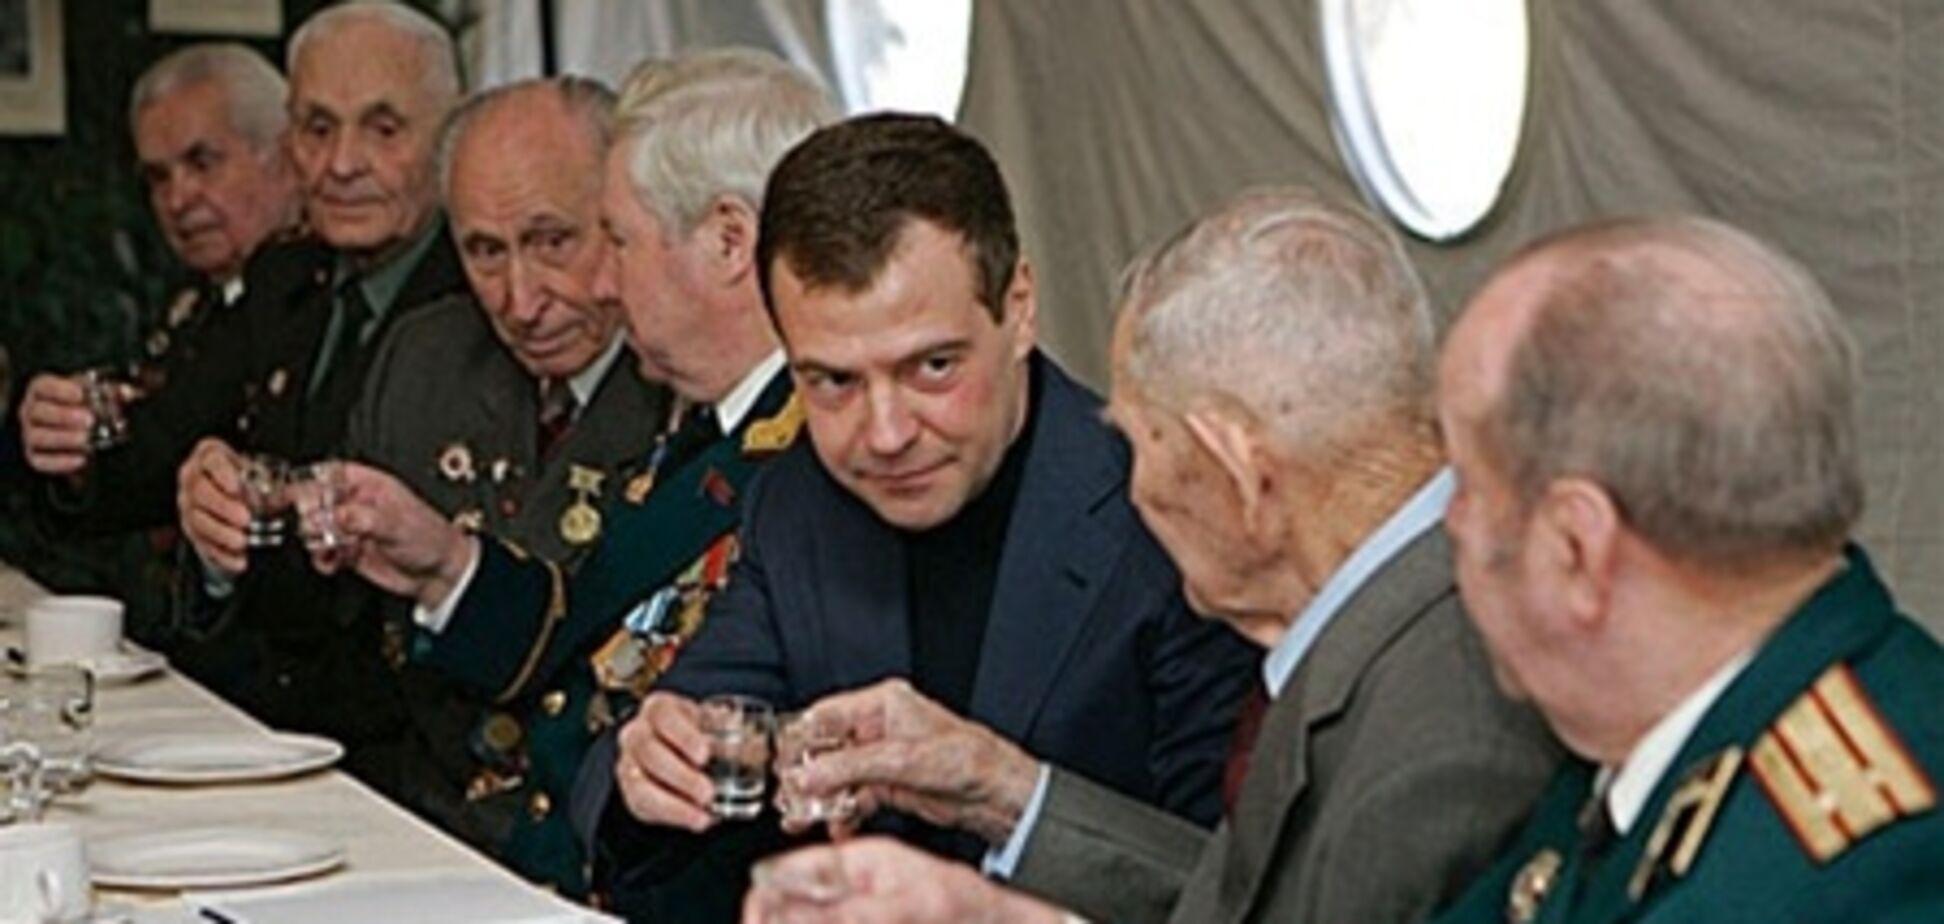 Антиалкогольная кампания Медведева провалилась: водку продают даже через sms